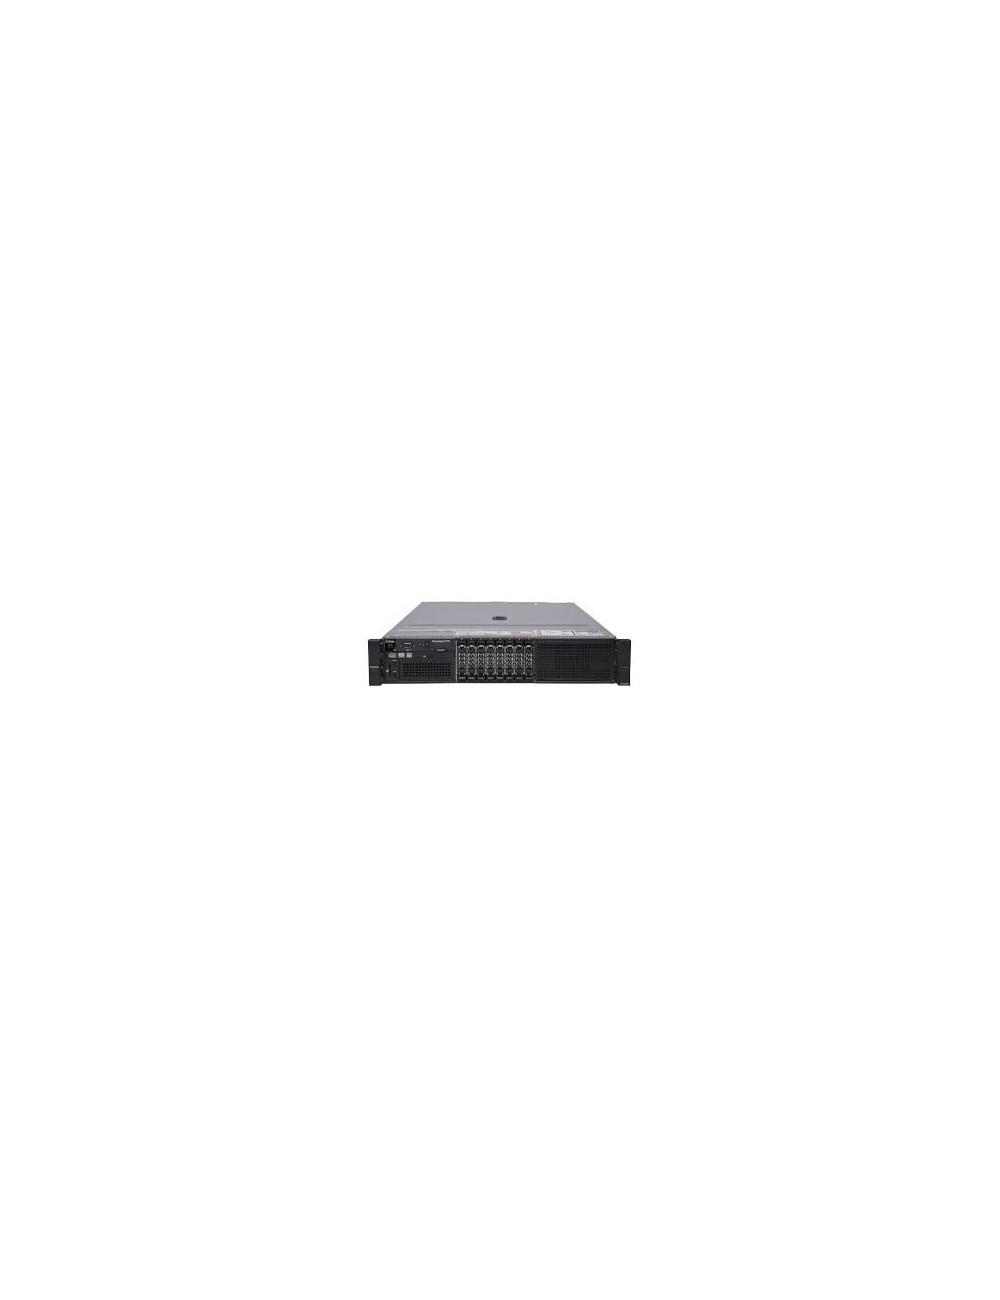 Dell R730 8x SFF / 2x E5-2620v4  8C / 64GB RAM / H730 1GB / 2x 1.2 TB 10K SAS HDD / RACK RAILS / 2 PSU